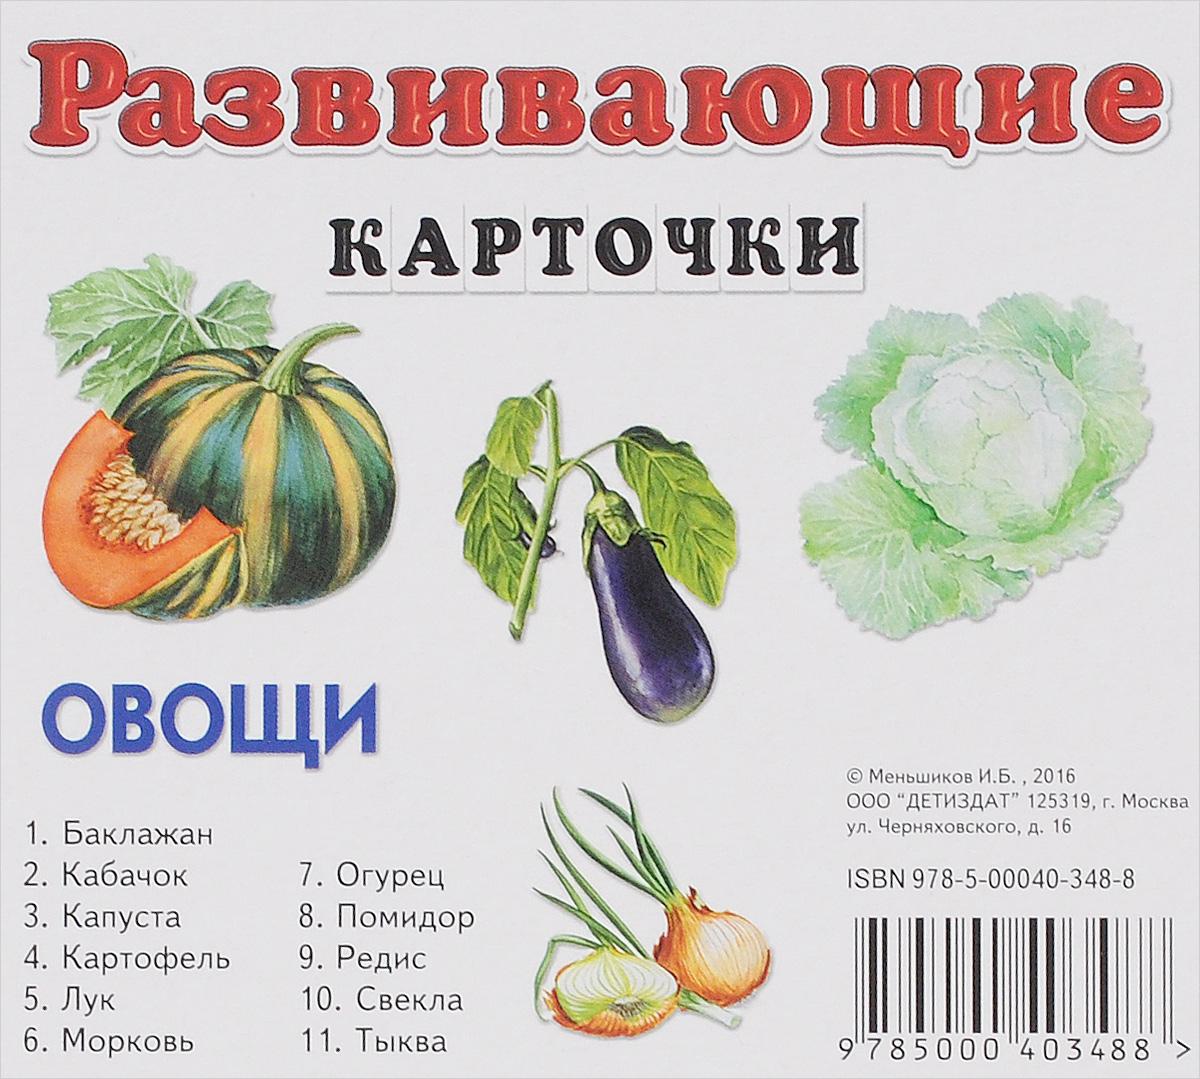 Овощи. Развивающие карточки (набор из 11 карточек) ( 978-5-00040-348-8 )